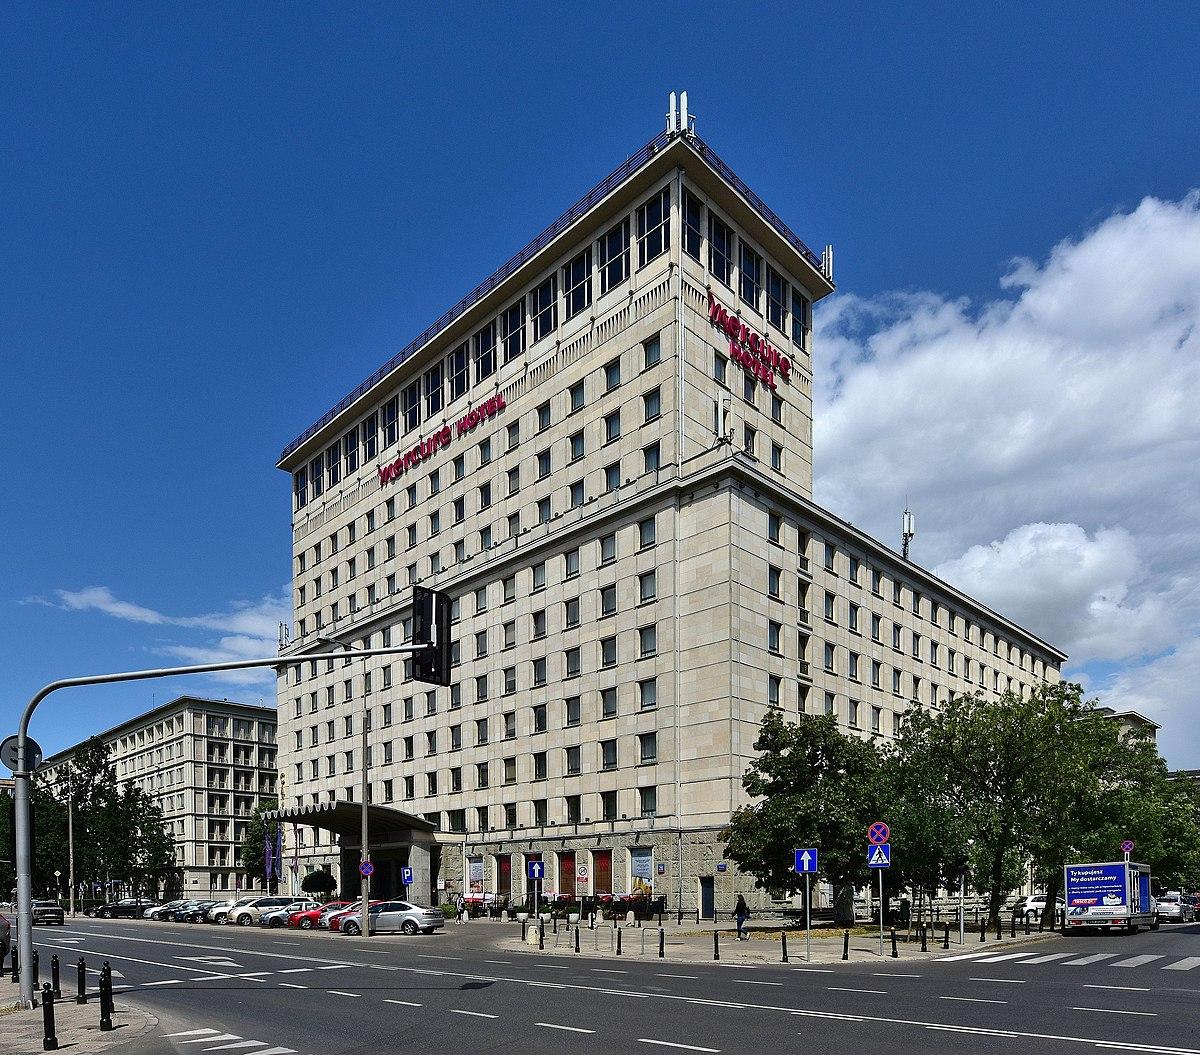 Mercure Grand Hotel w Warszawie – Wikipedia, wolna